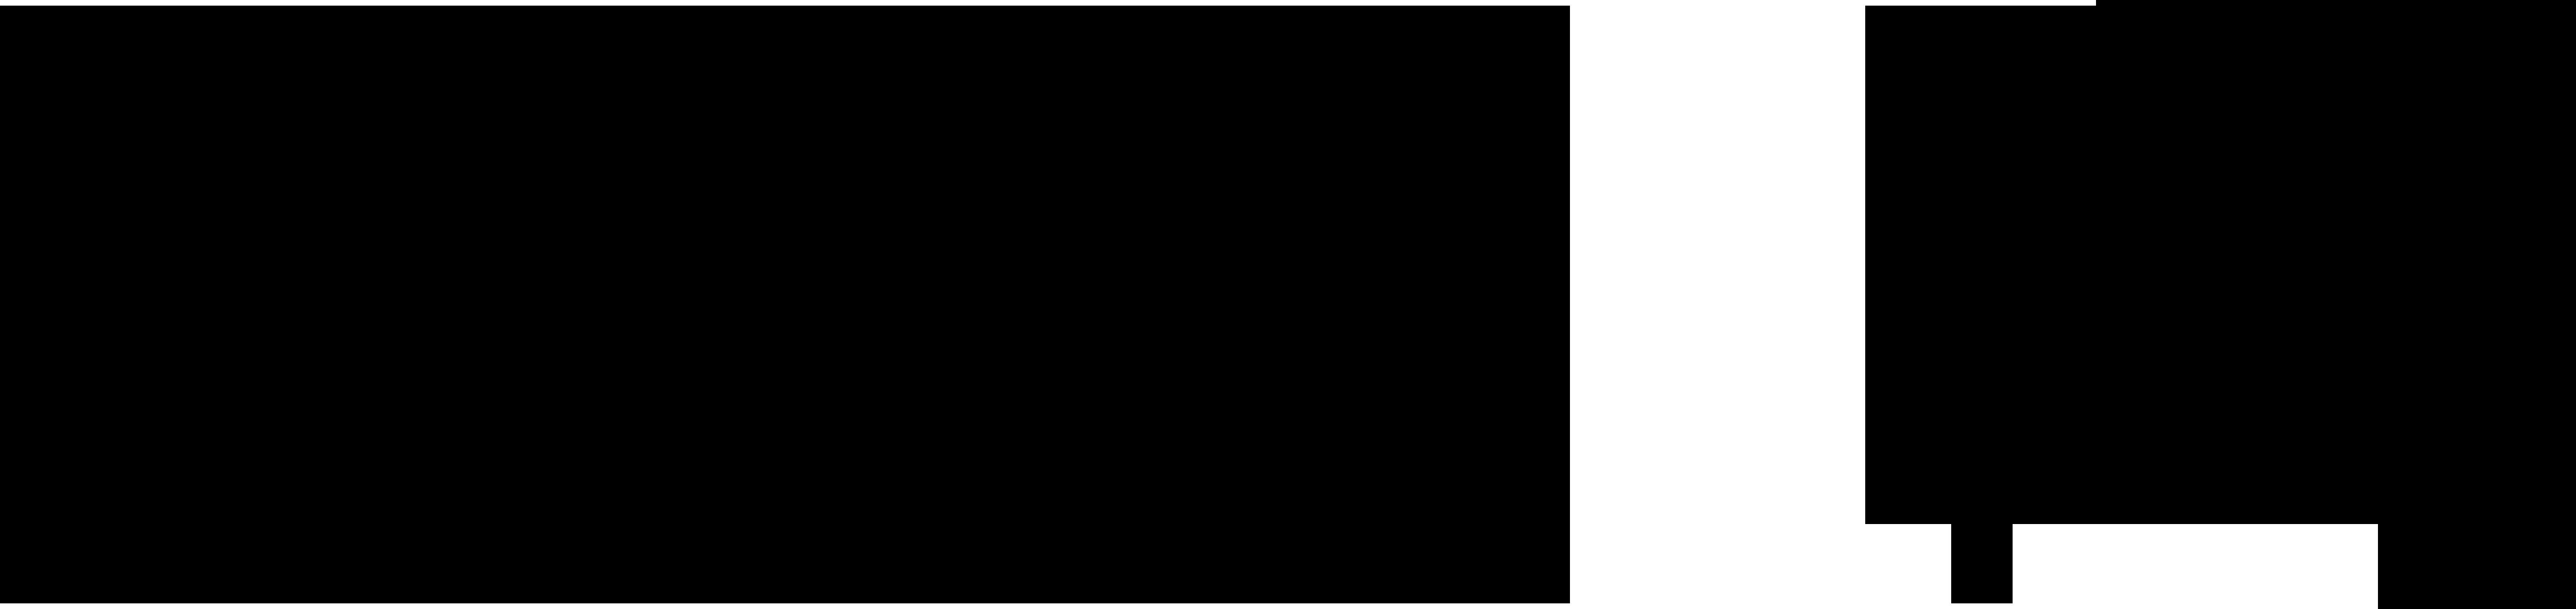 Kakito - fotorealistyczne wizualizacje 3D